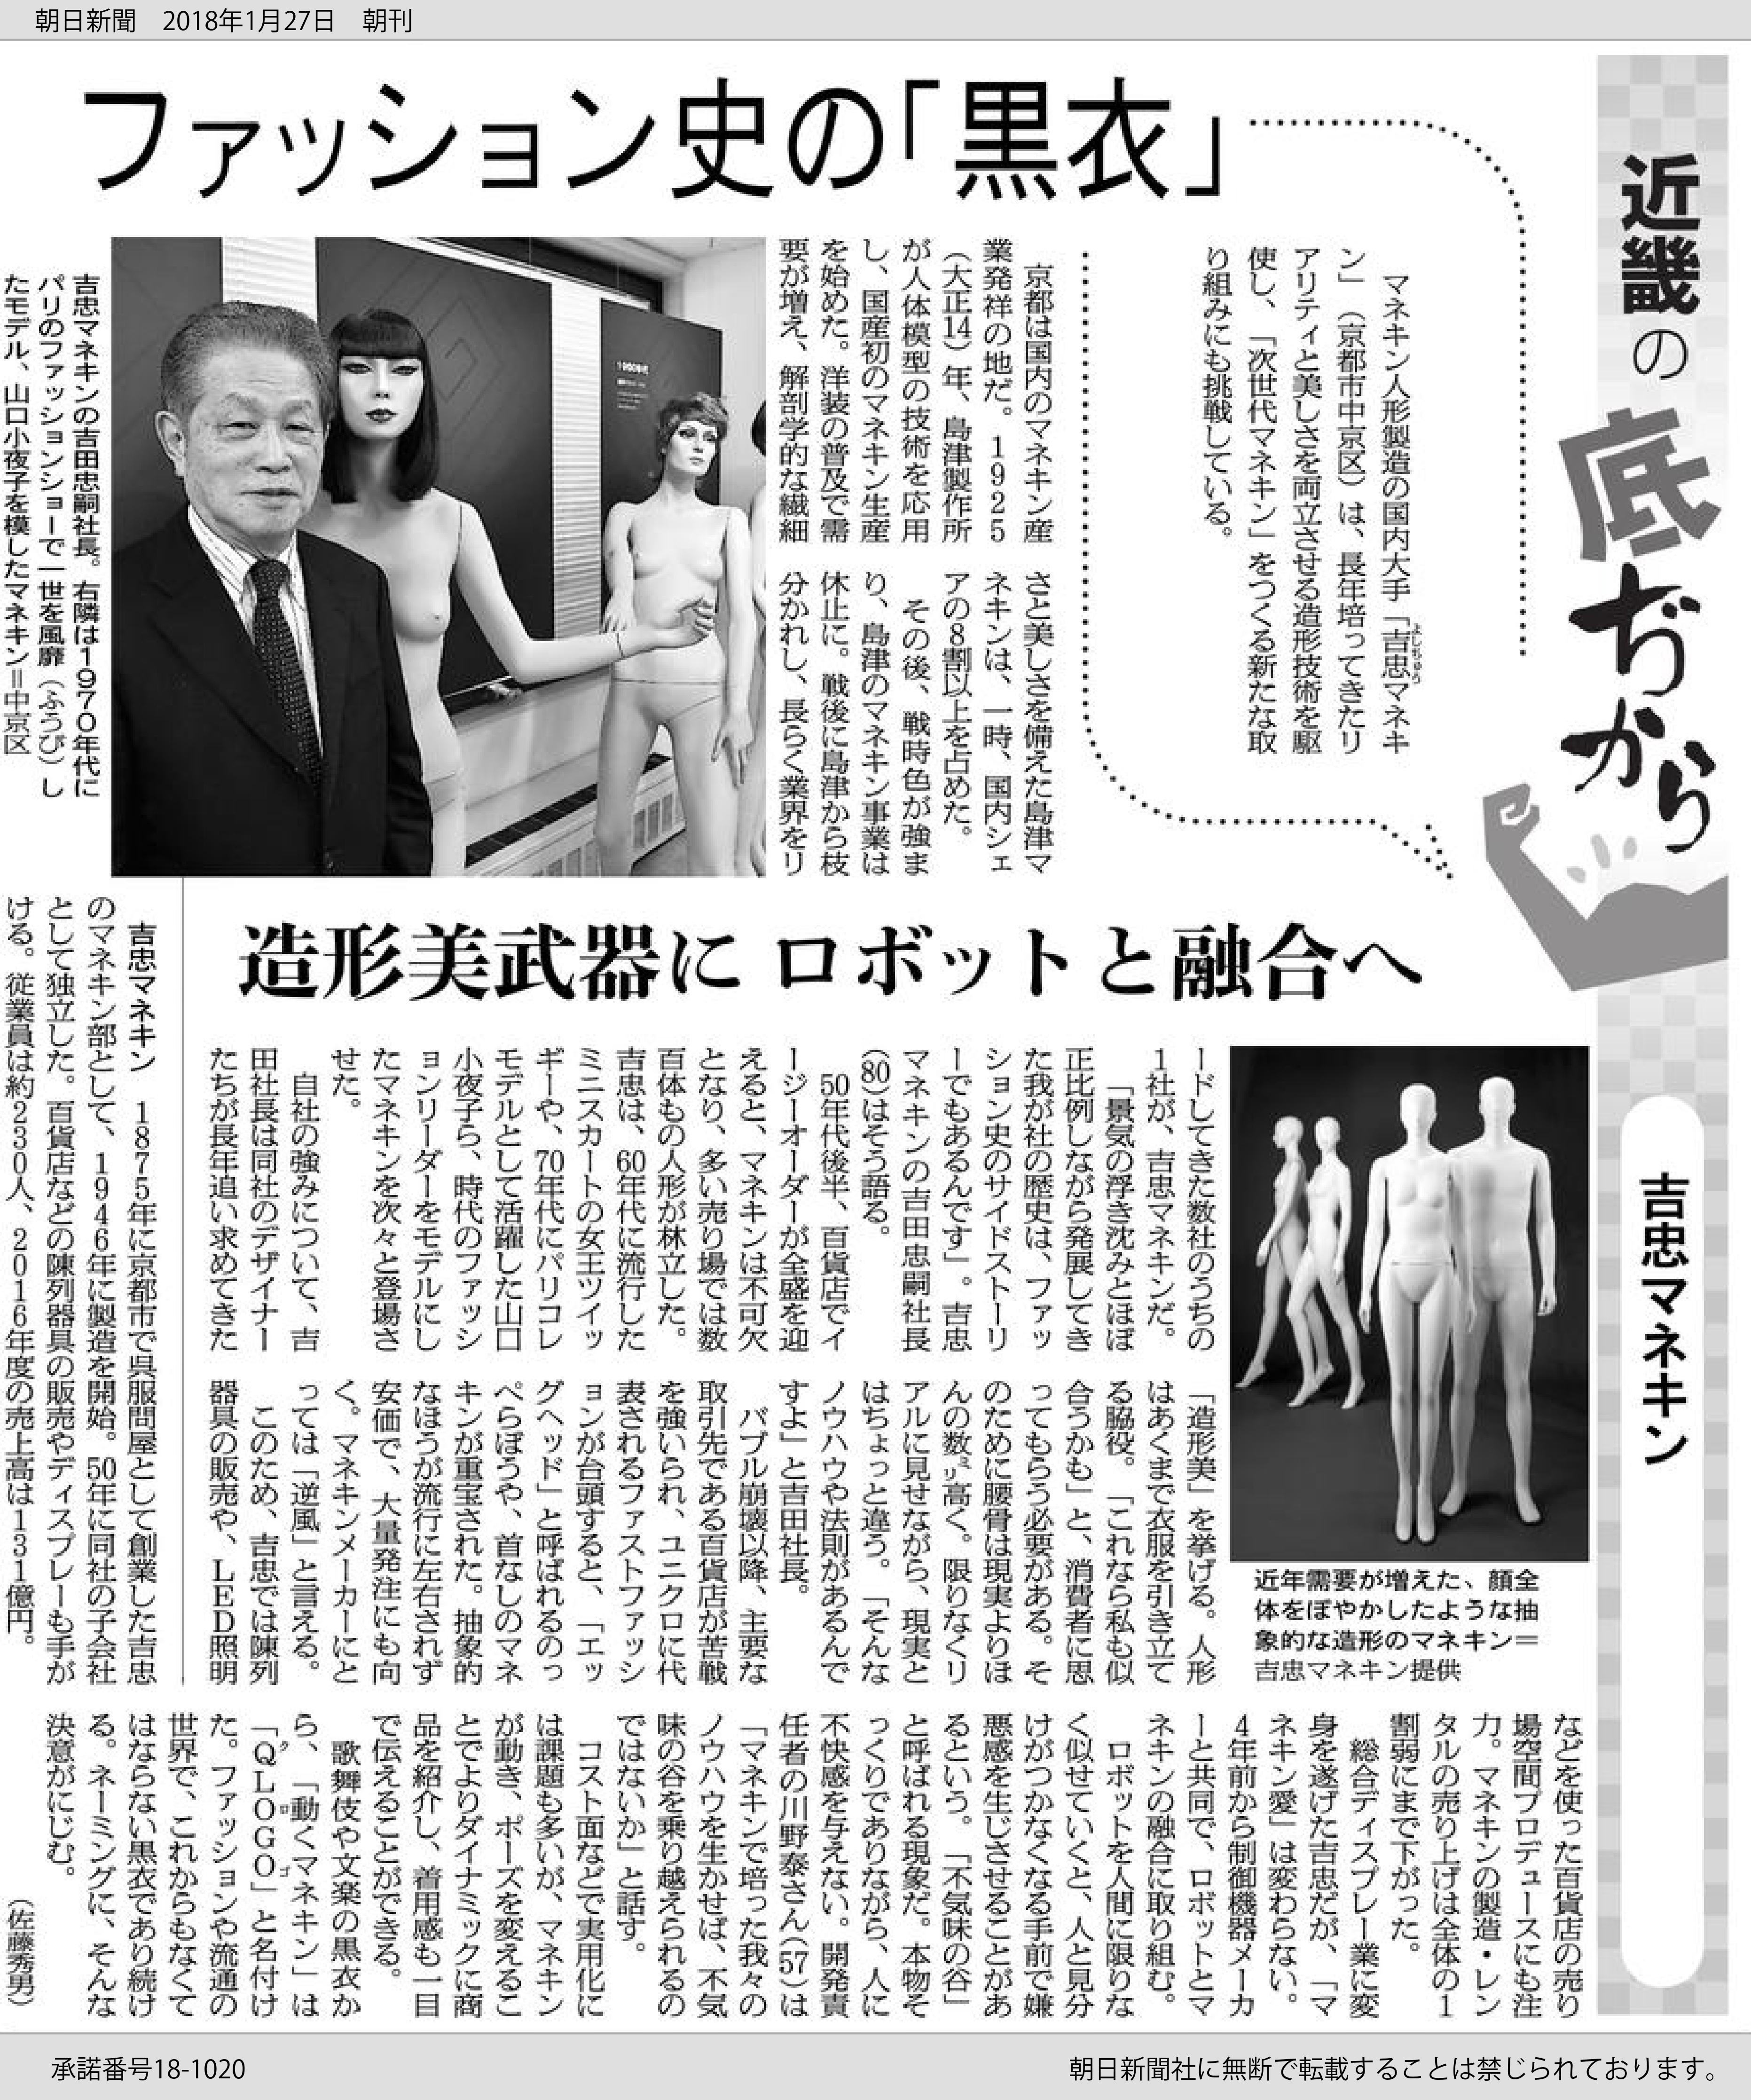 朝日新聞 2018.1.27 サムネイル